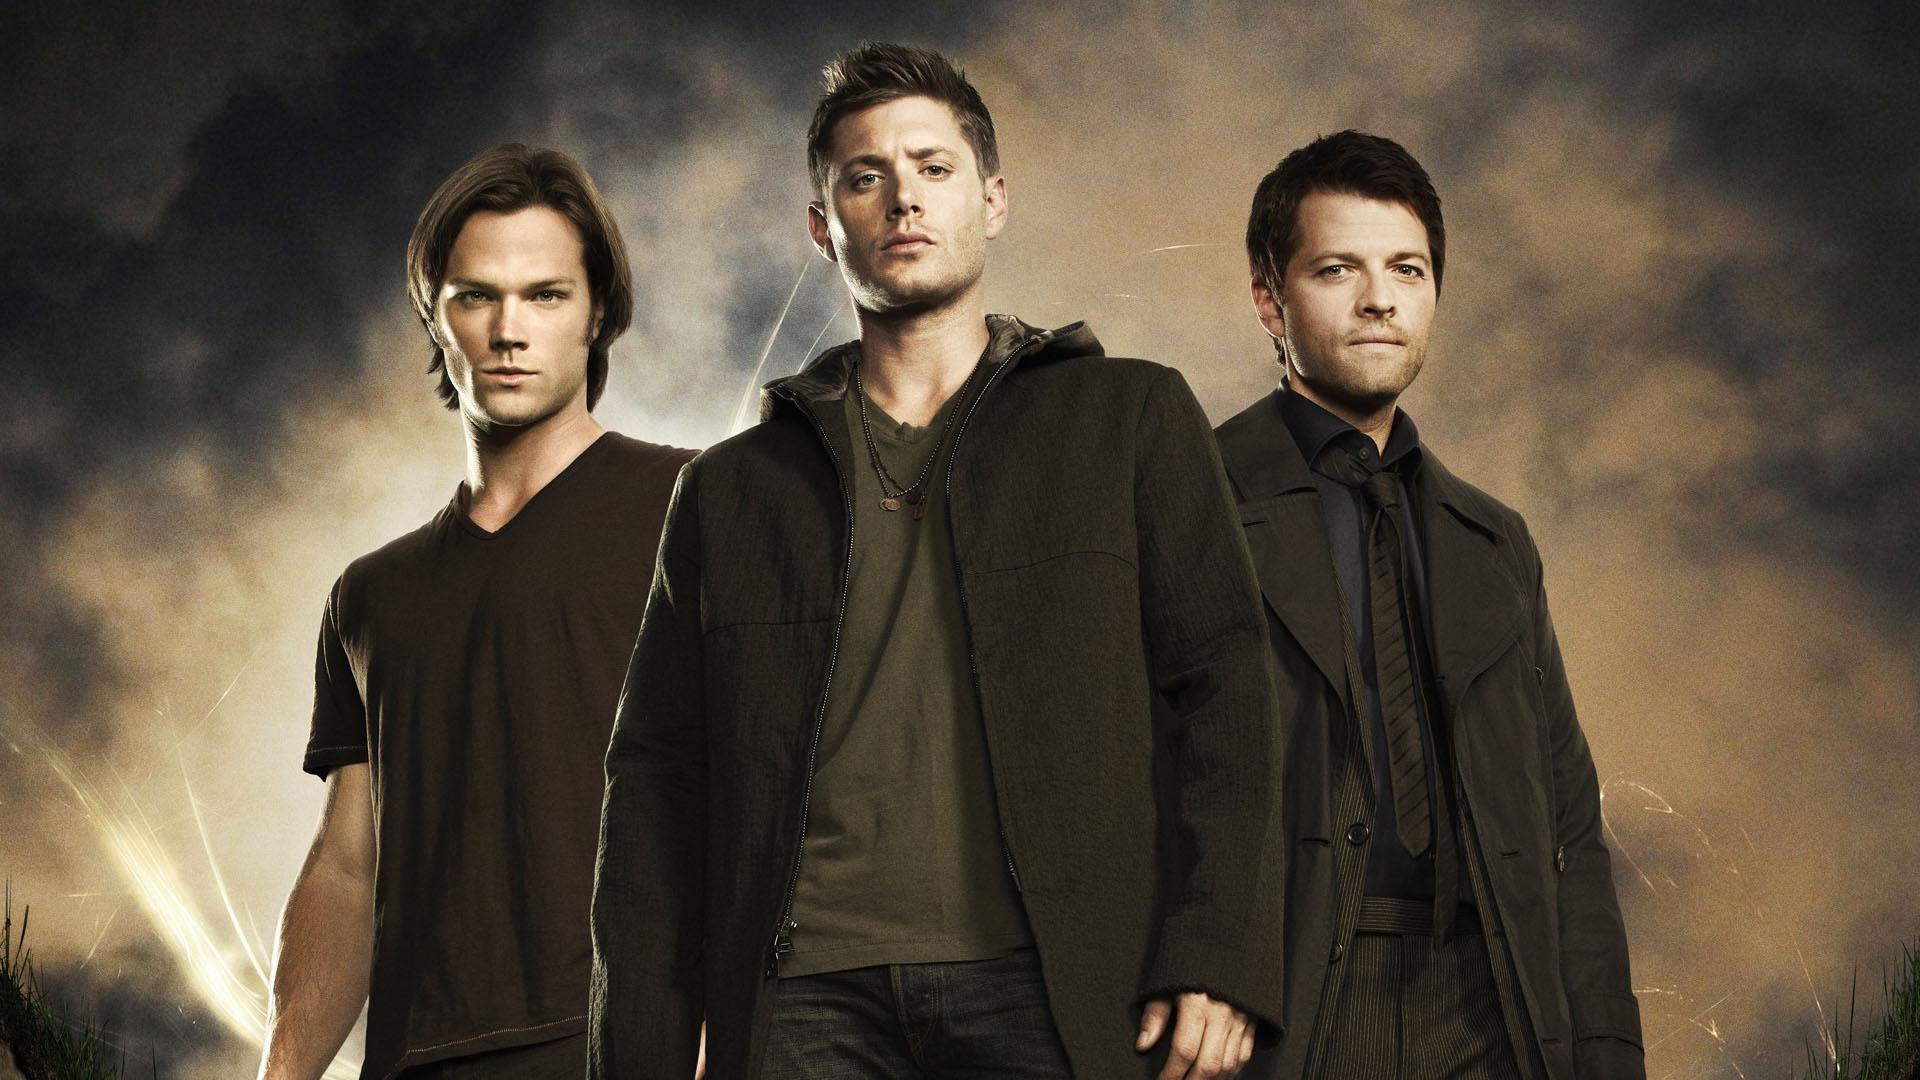 Supernatural' Cast & Fans Raise Over $225,000 For Hurricane Harvey ...